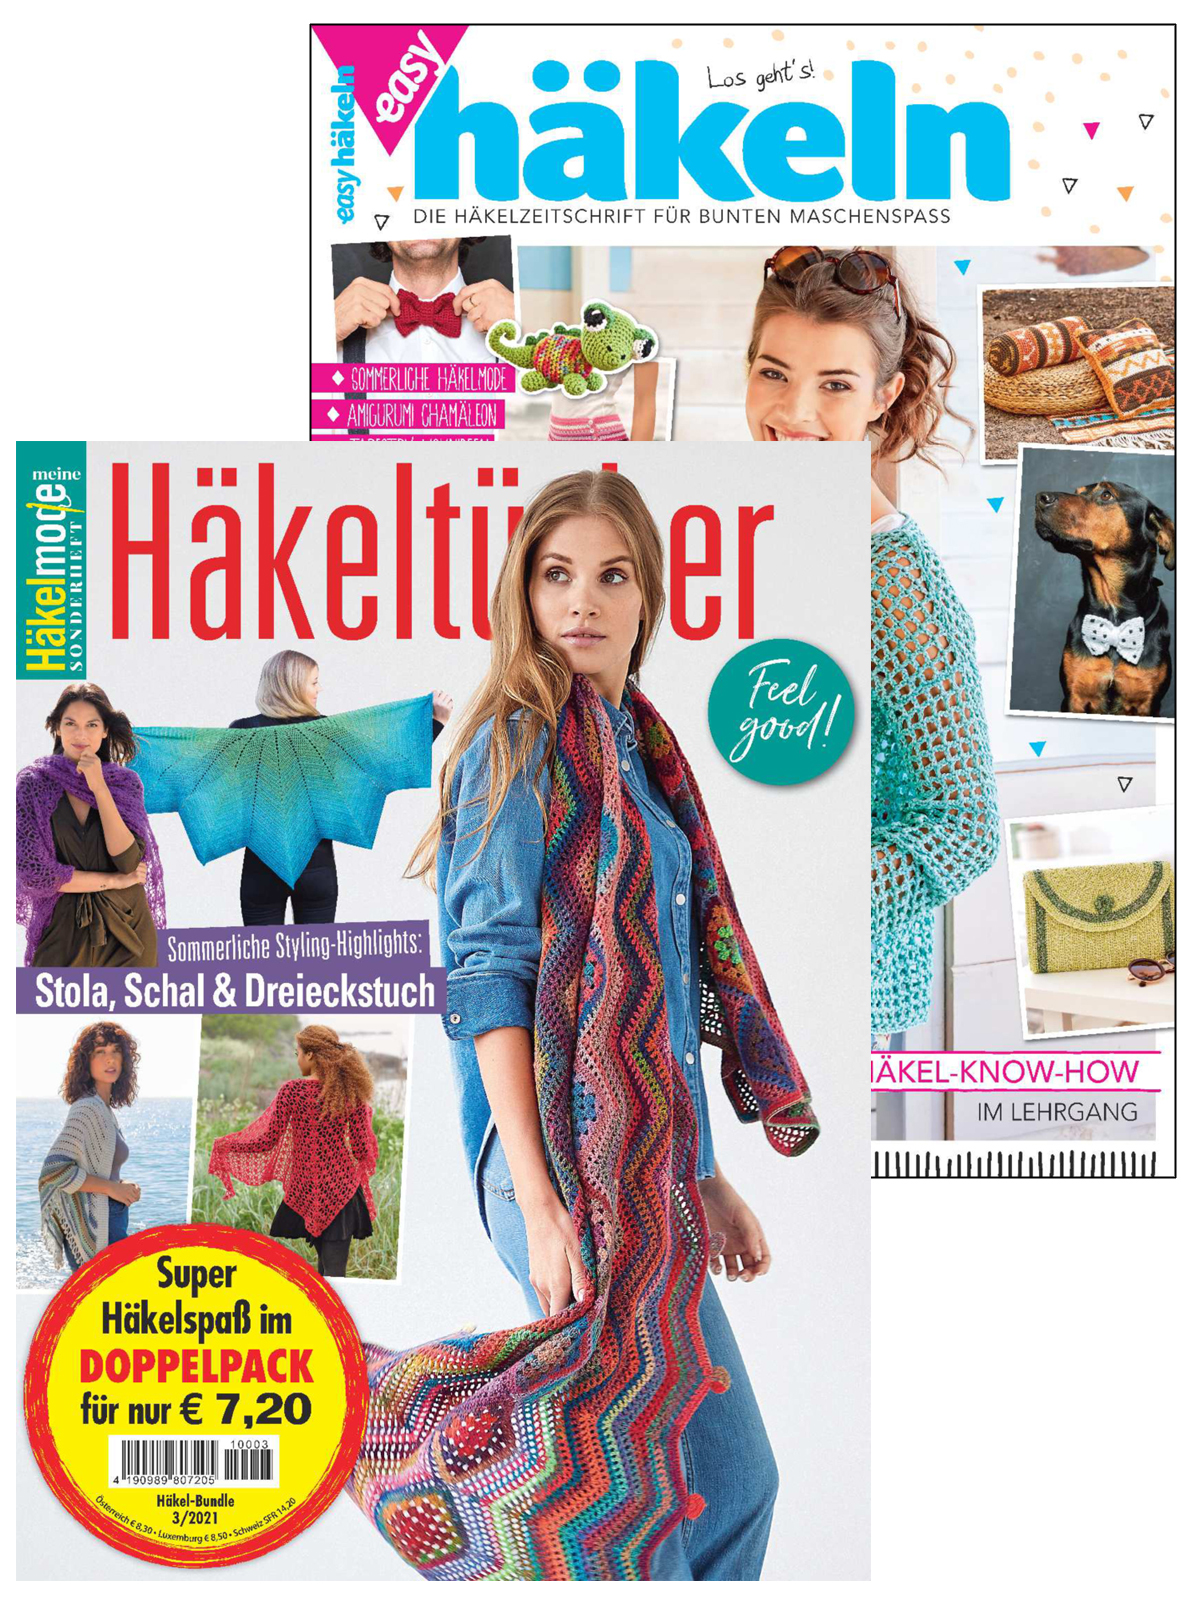 Zwei Zeitschriften: MH 032 Häkeltücher + EH 17 002 Easy Häkeln